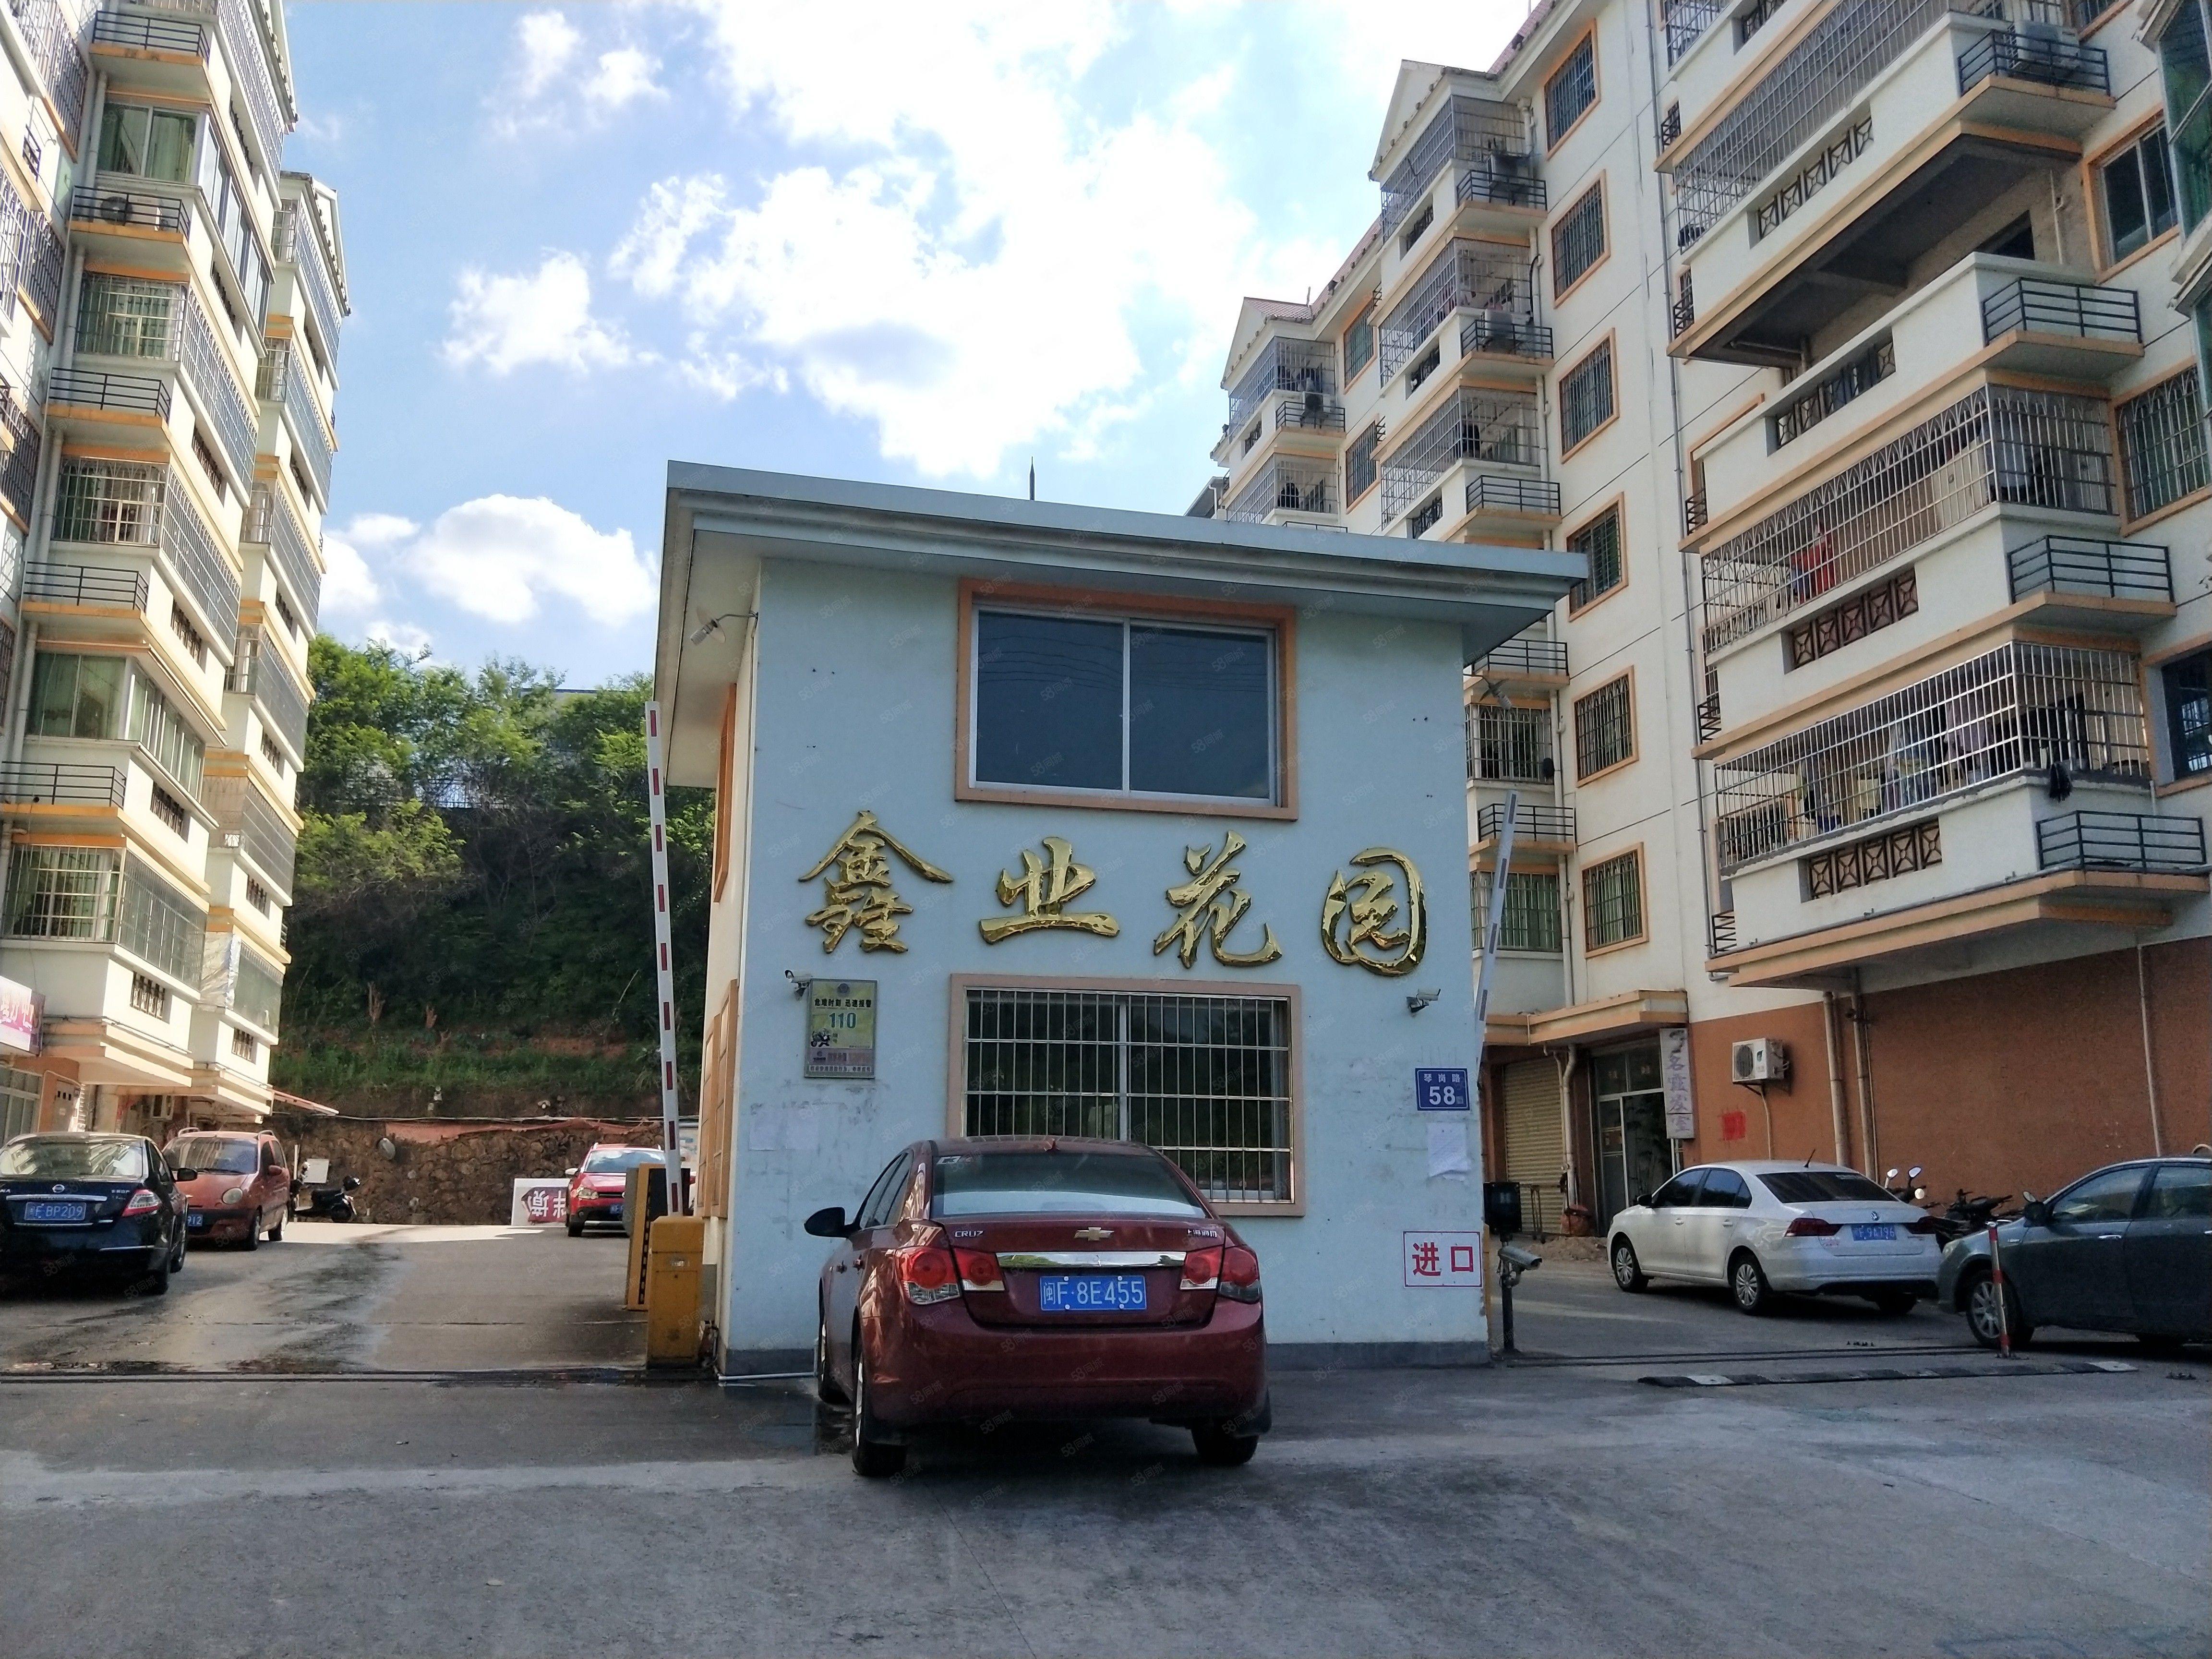 鑫业花园套房出售,两证齐全,毛坯房,送杂物间一个8平方米。